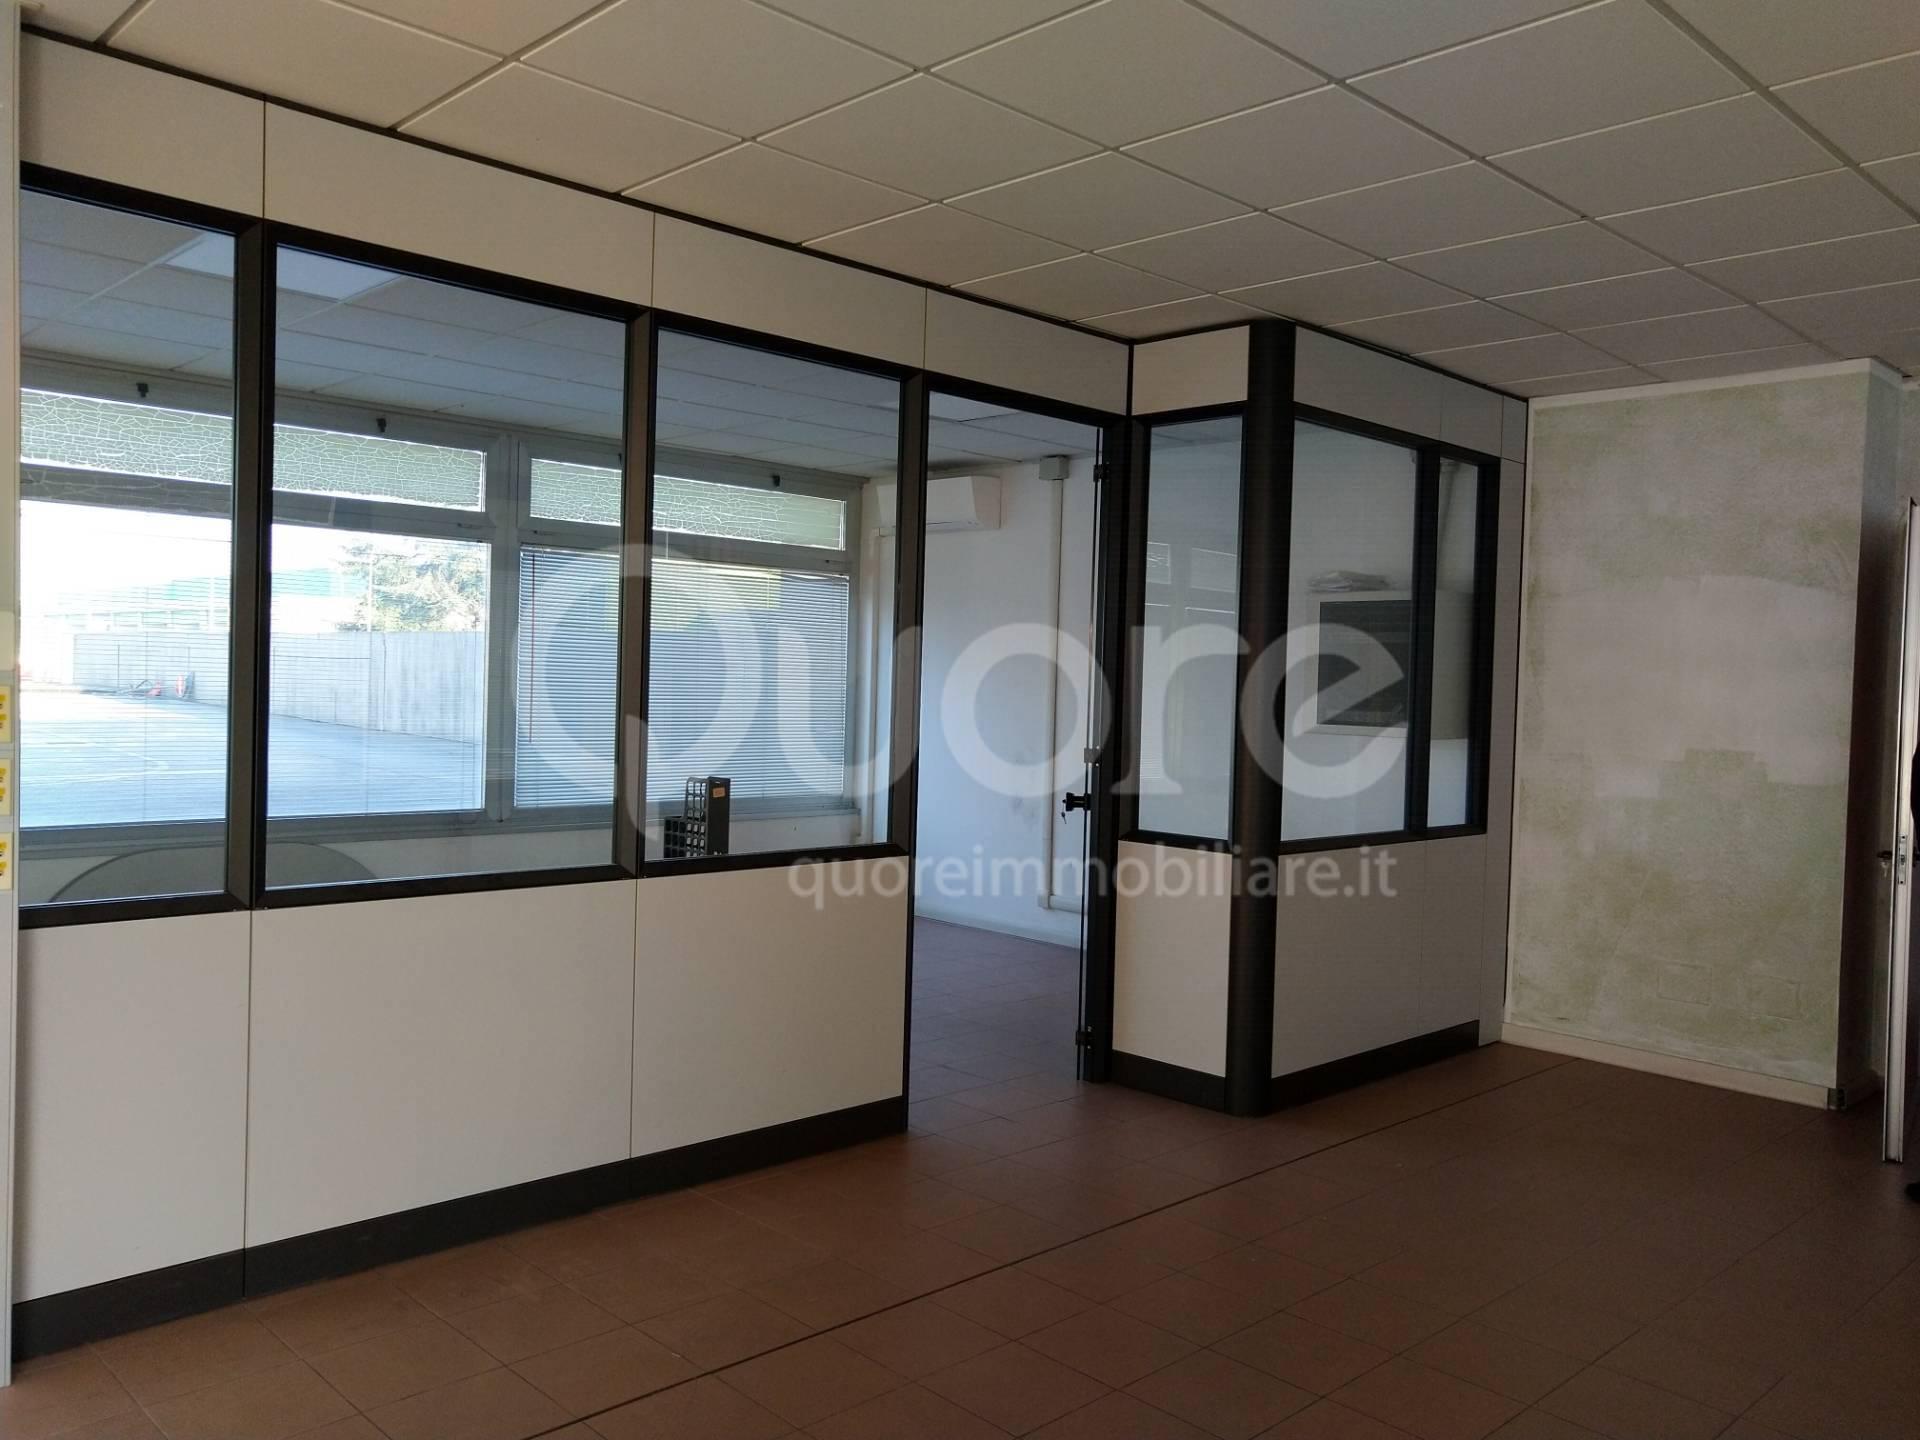 Negozio / Locale in affitto a Udine, 9999 locali, prezzo € 750   CambioCasa.it